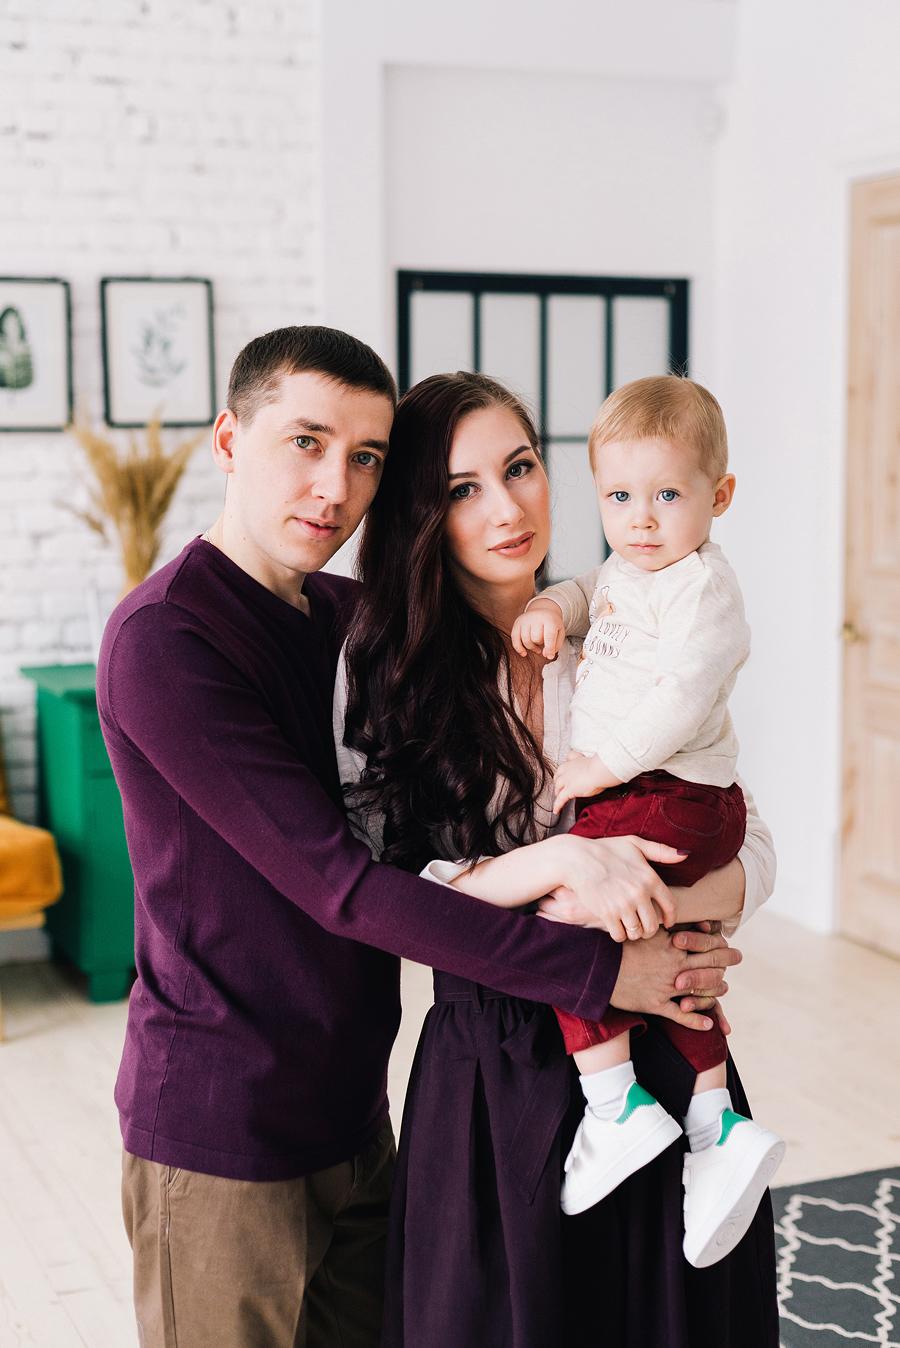 семейный портрет примеры